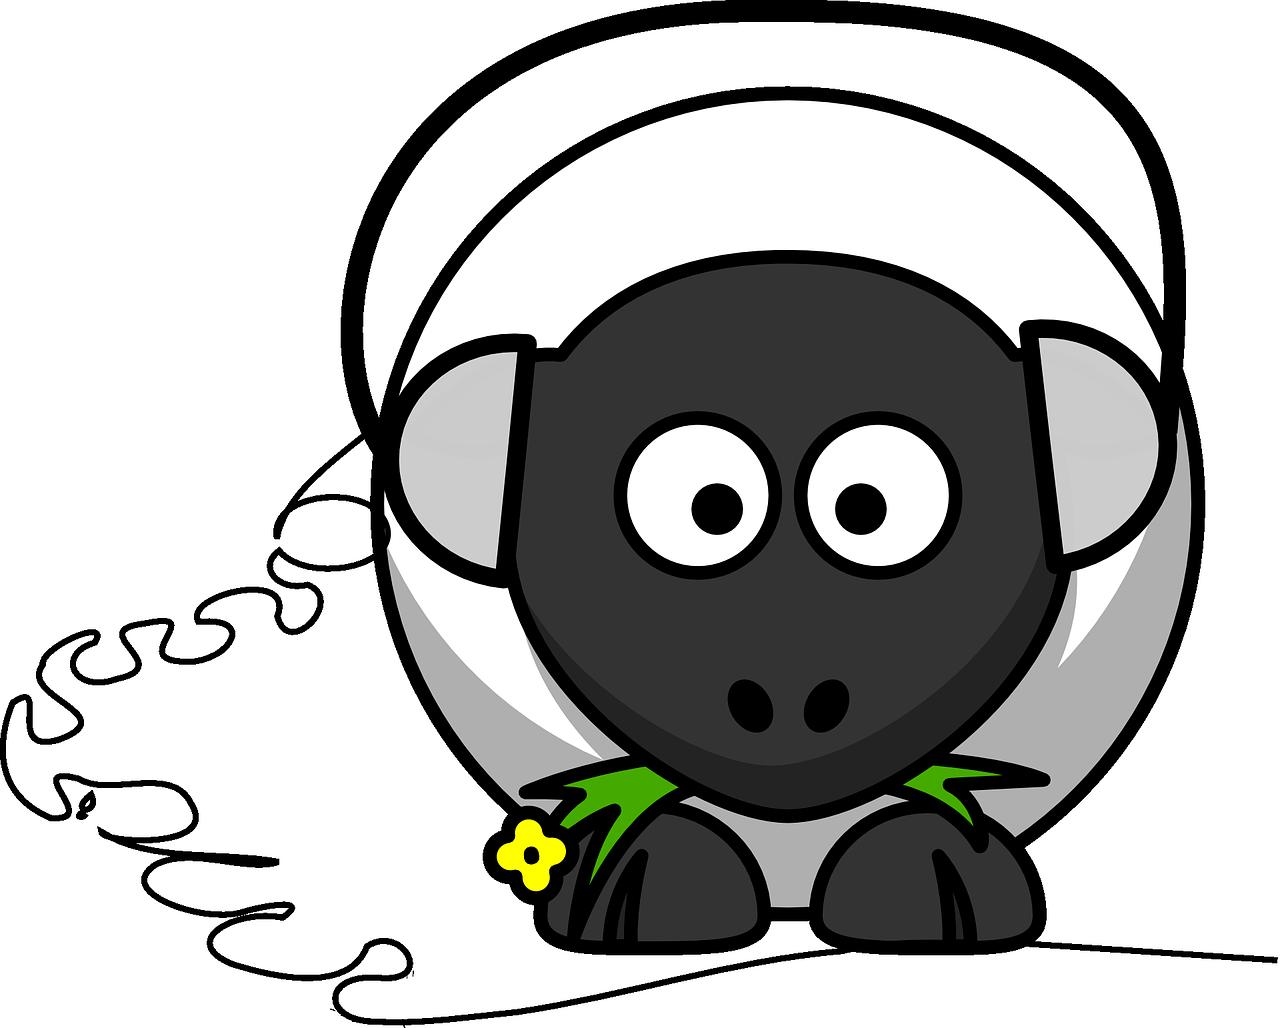 sheep-158247_1280.png